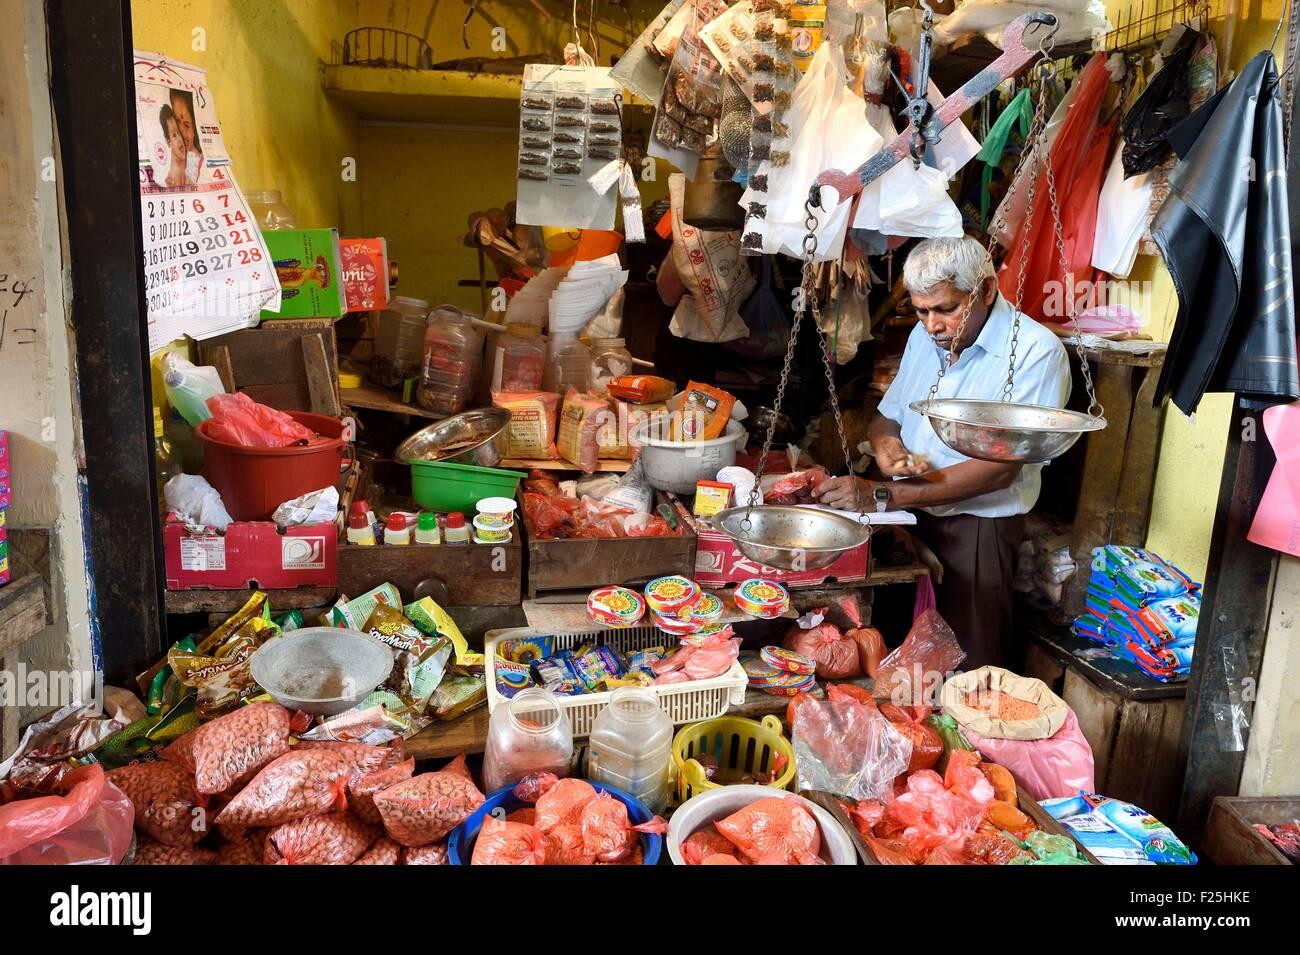 Eastern Province, Sri Lanka, der Markthalle, Verkauf von Gewürzen, Trincomalee Stockbild